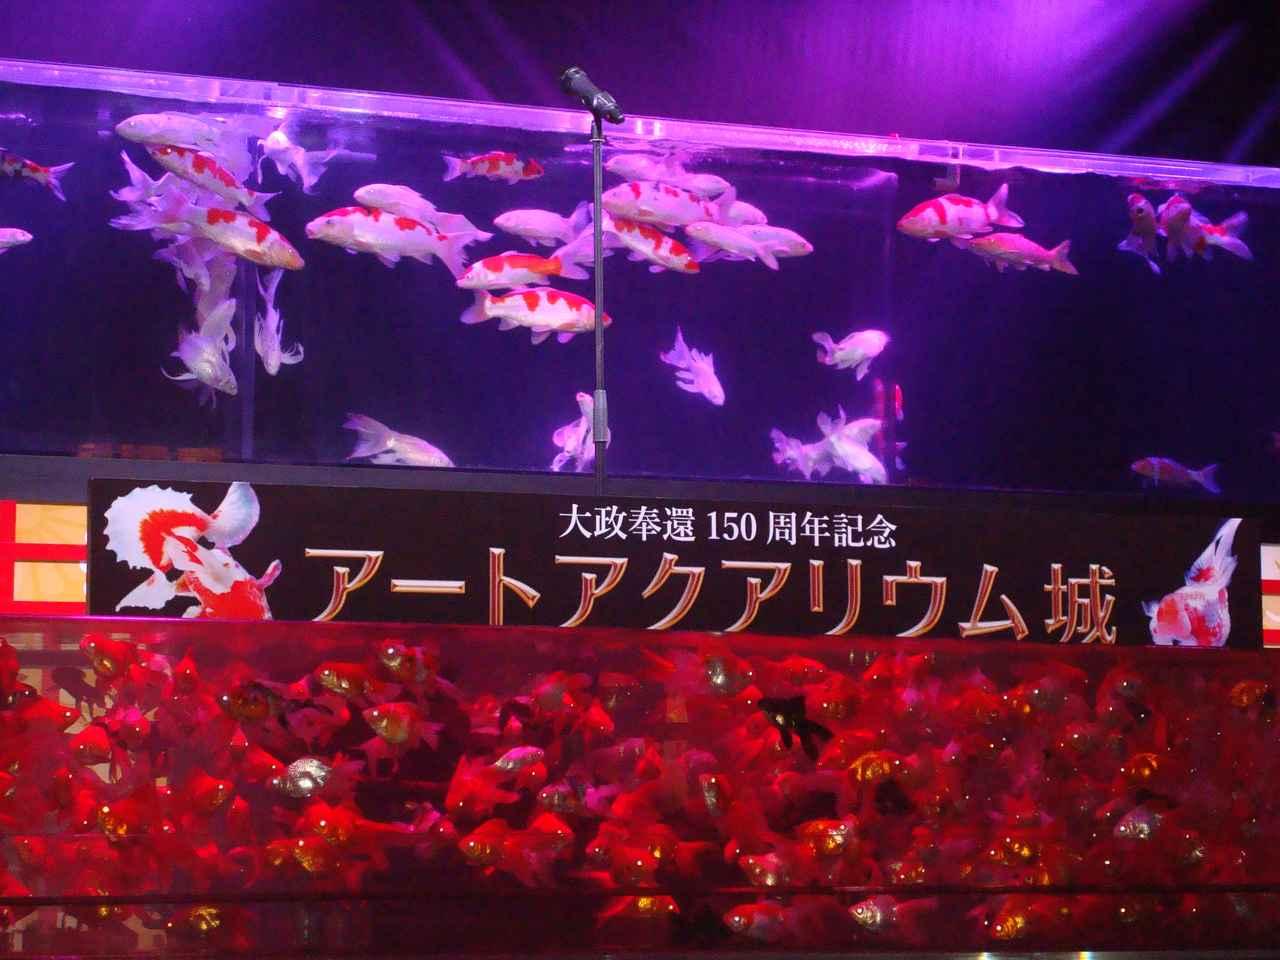 画像: 大政奉還150周年記念 アートアクアリウム城 ~金魚の舞~